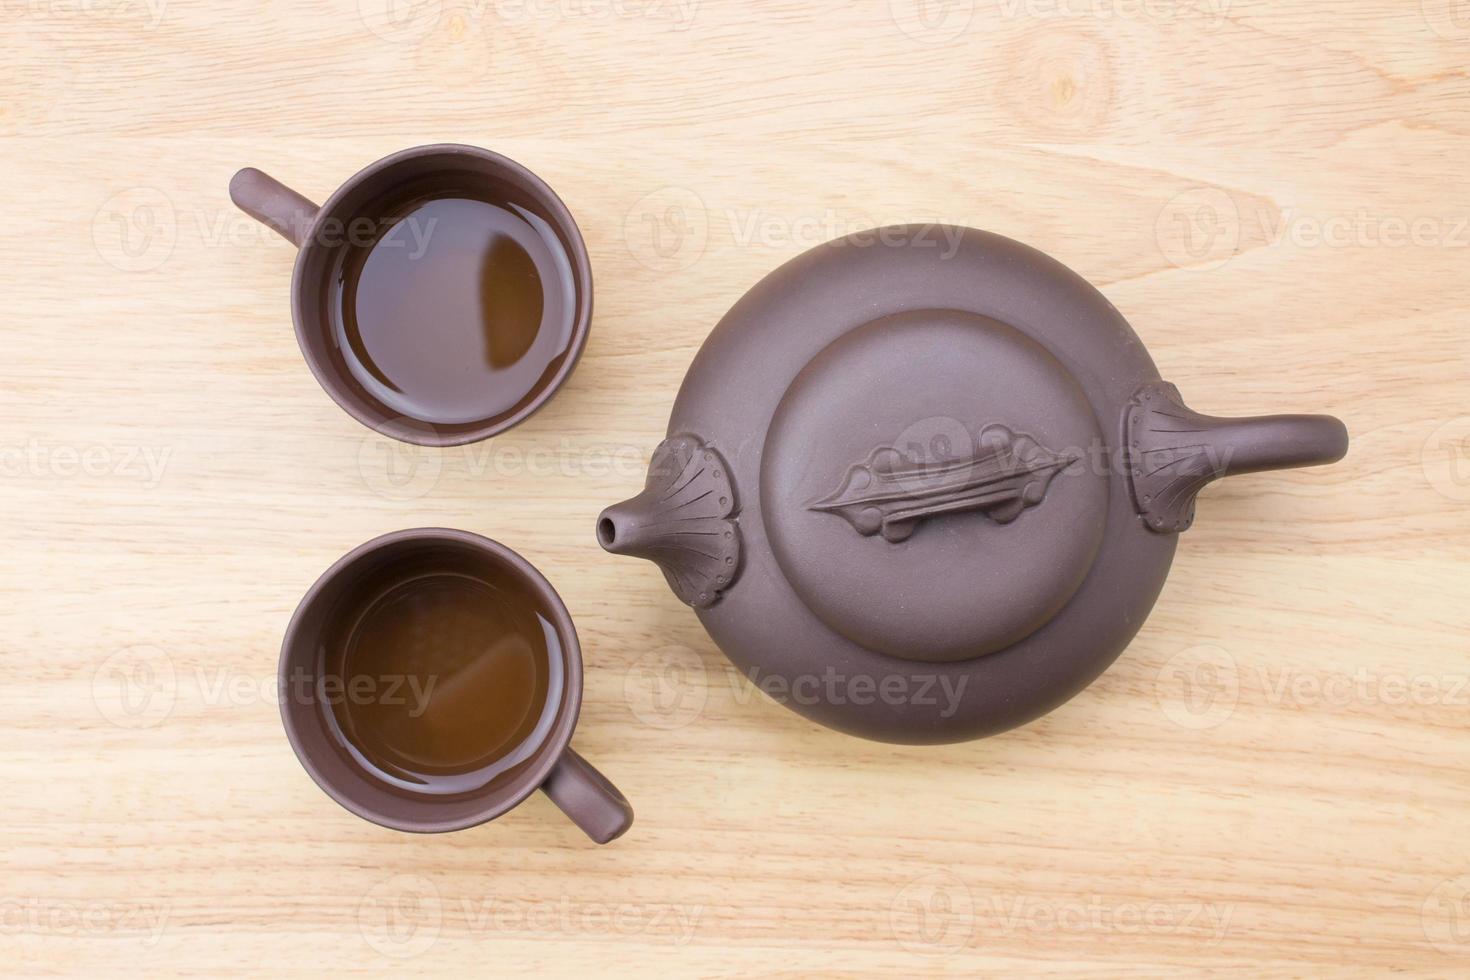 Schließen Sie oben Teekanne und Teetasse foto